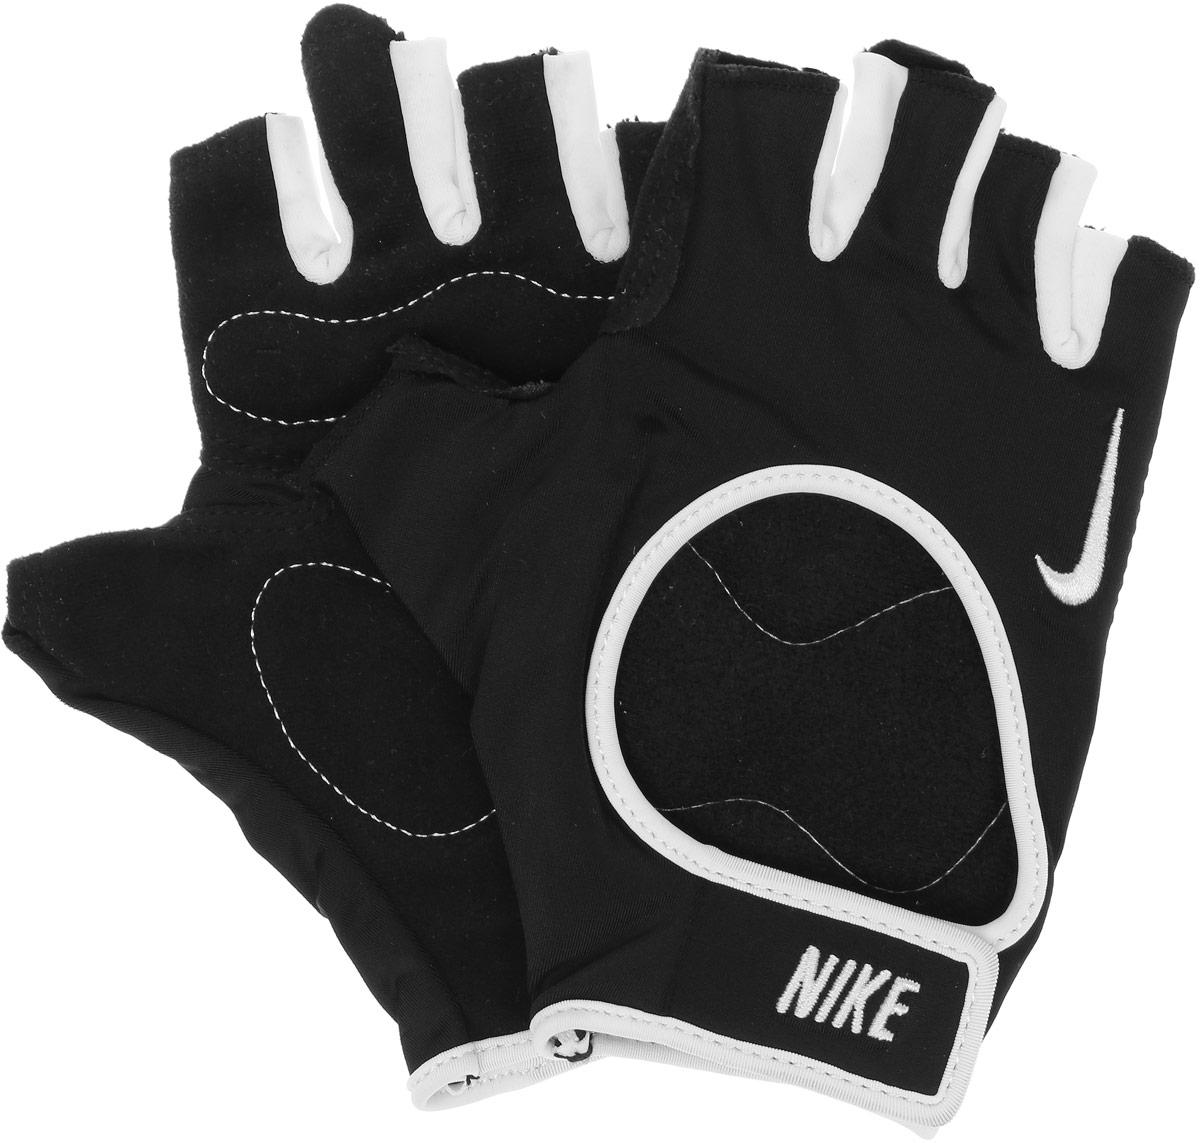 Перчатки для фитнеса женские Nike, цвет: черный, белый. Размер L nike перчатки для фитнеса женские nike accessories